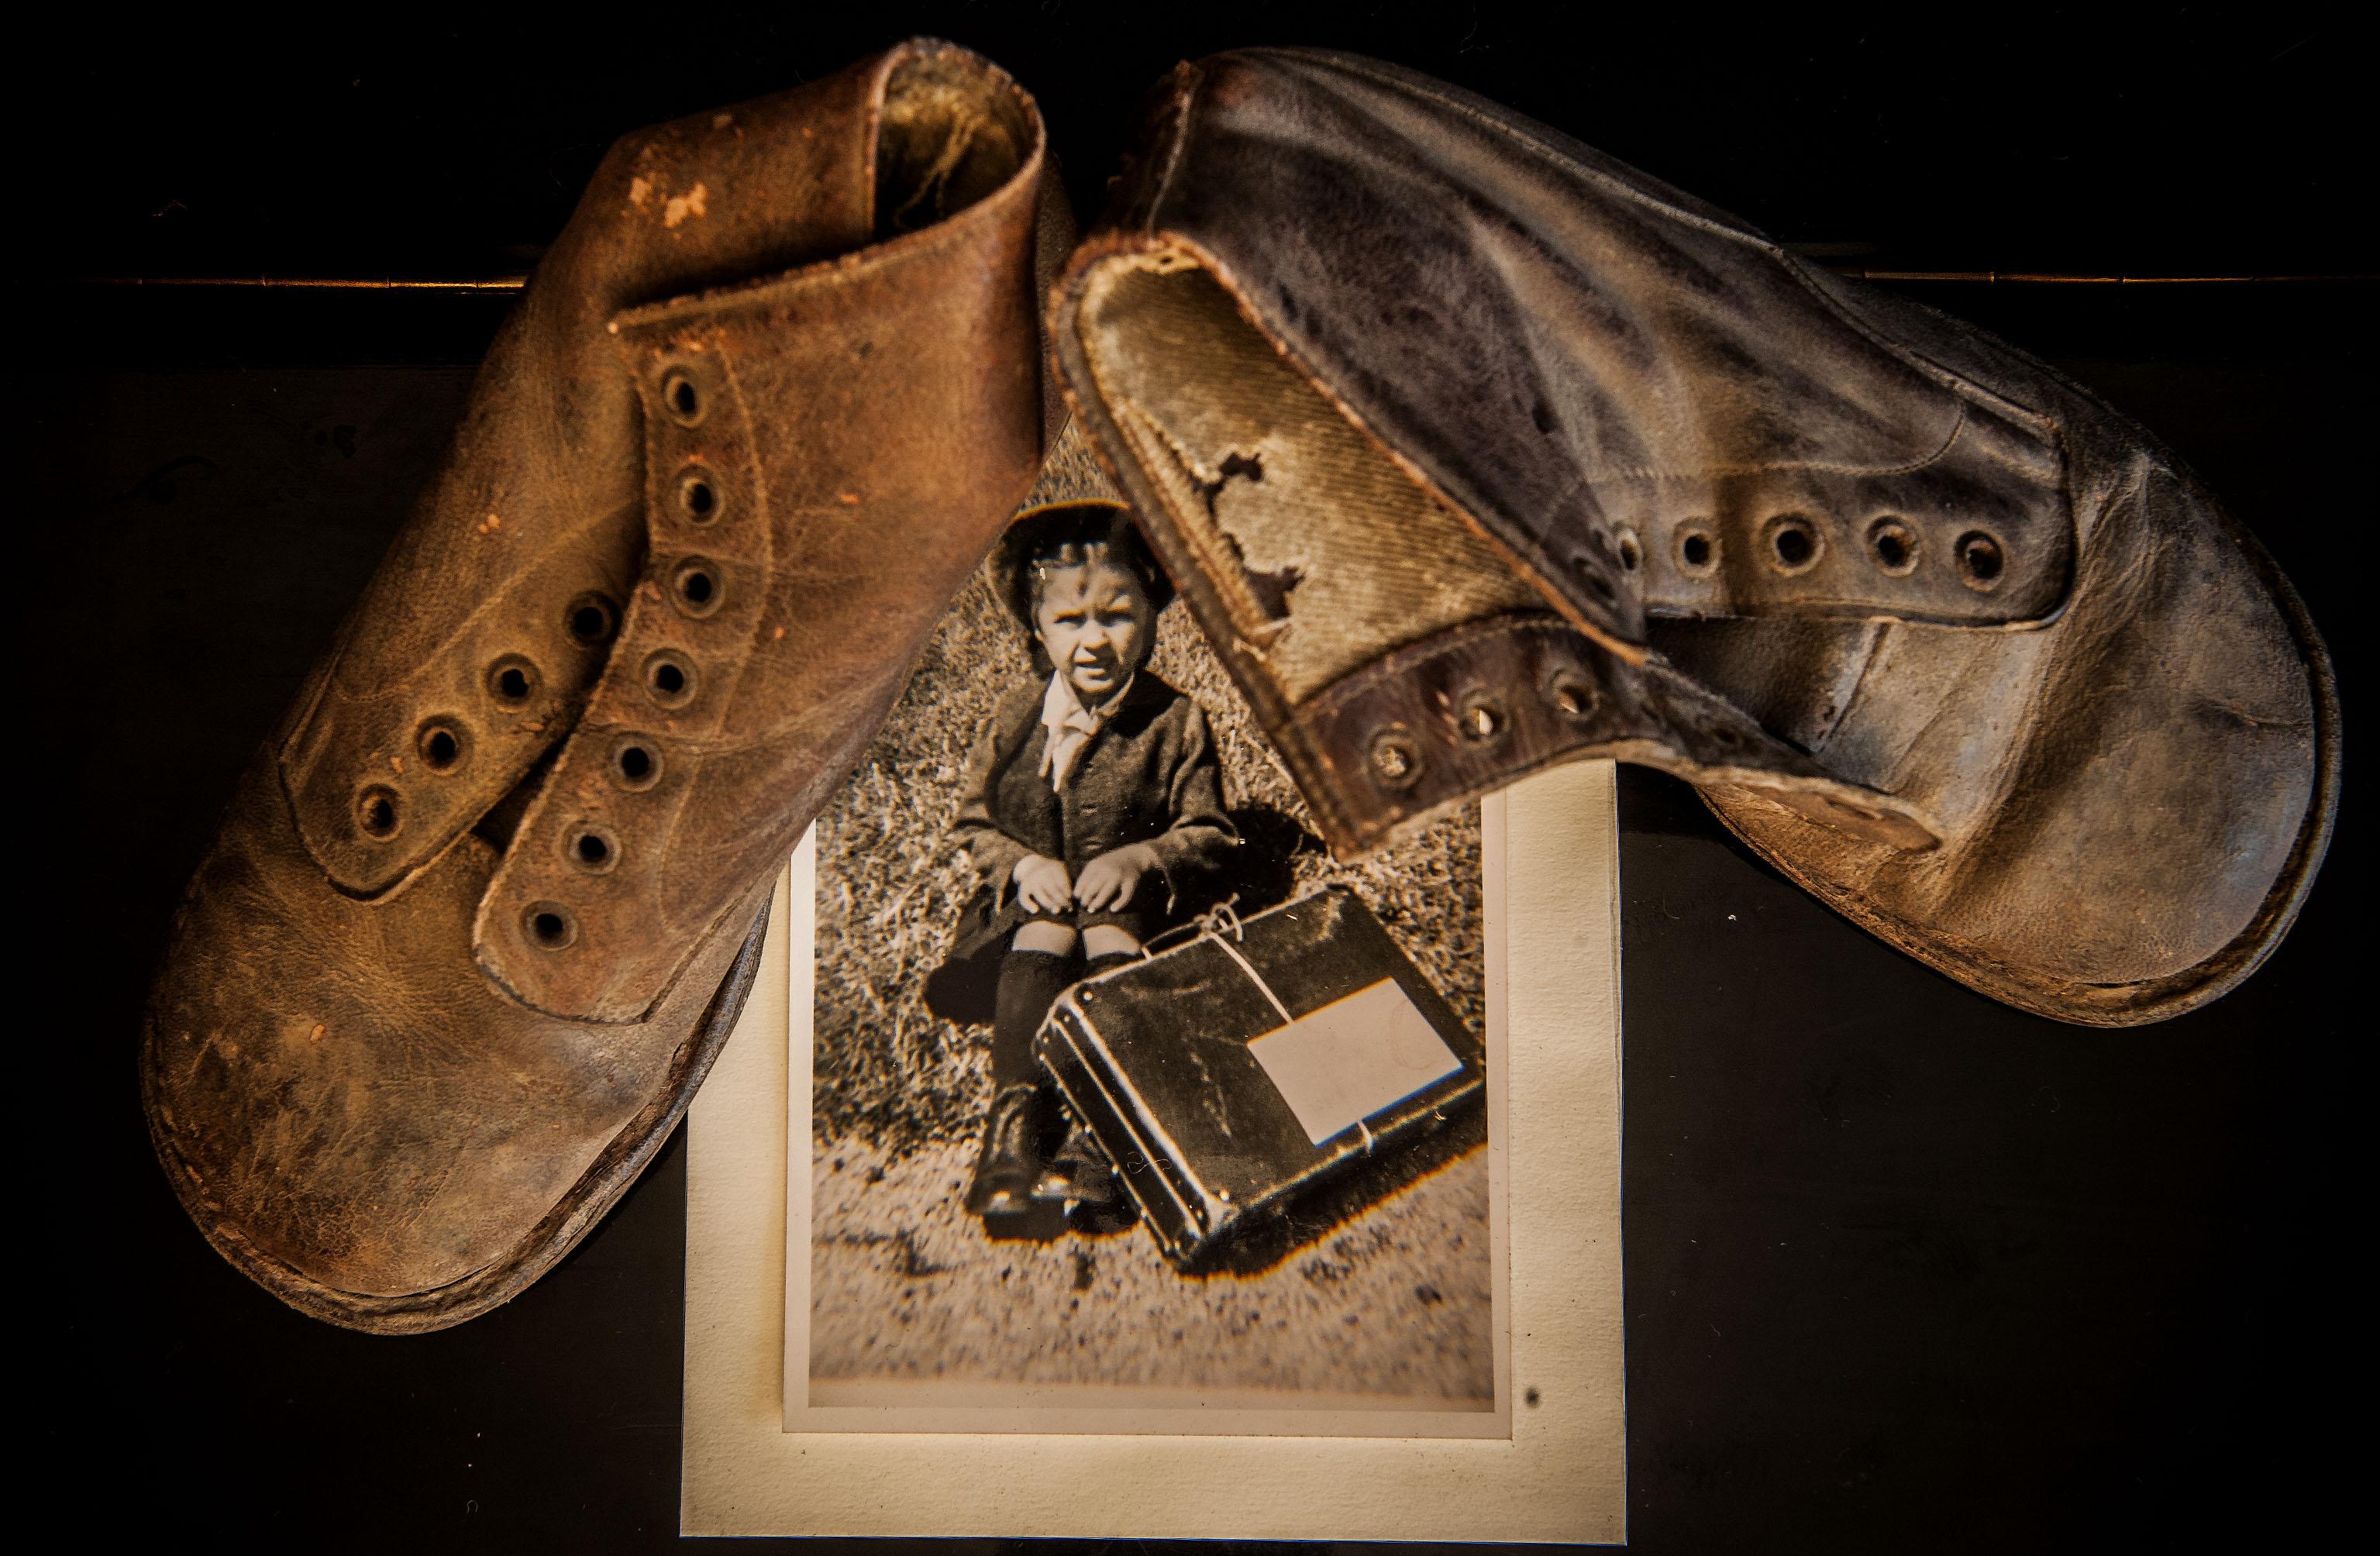 Hannelore ainda guarda as botas que calçava quando viajou da Áustria para Portugal